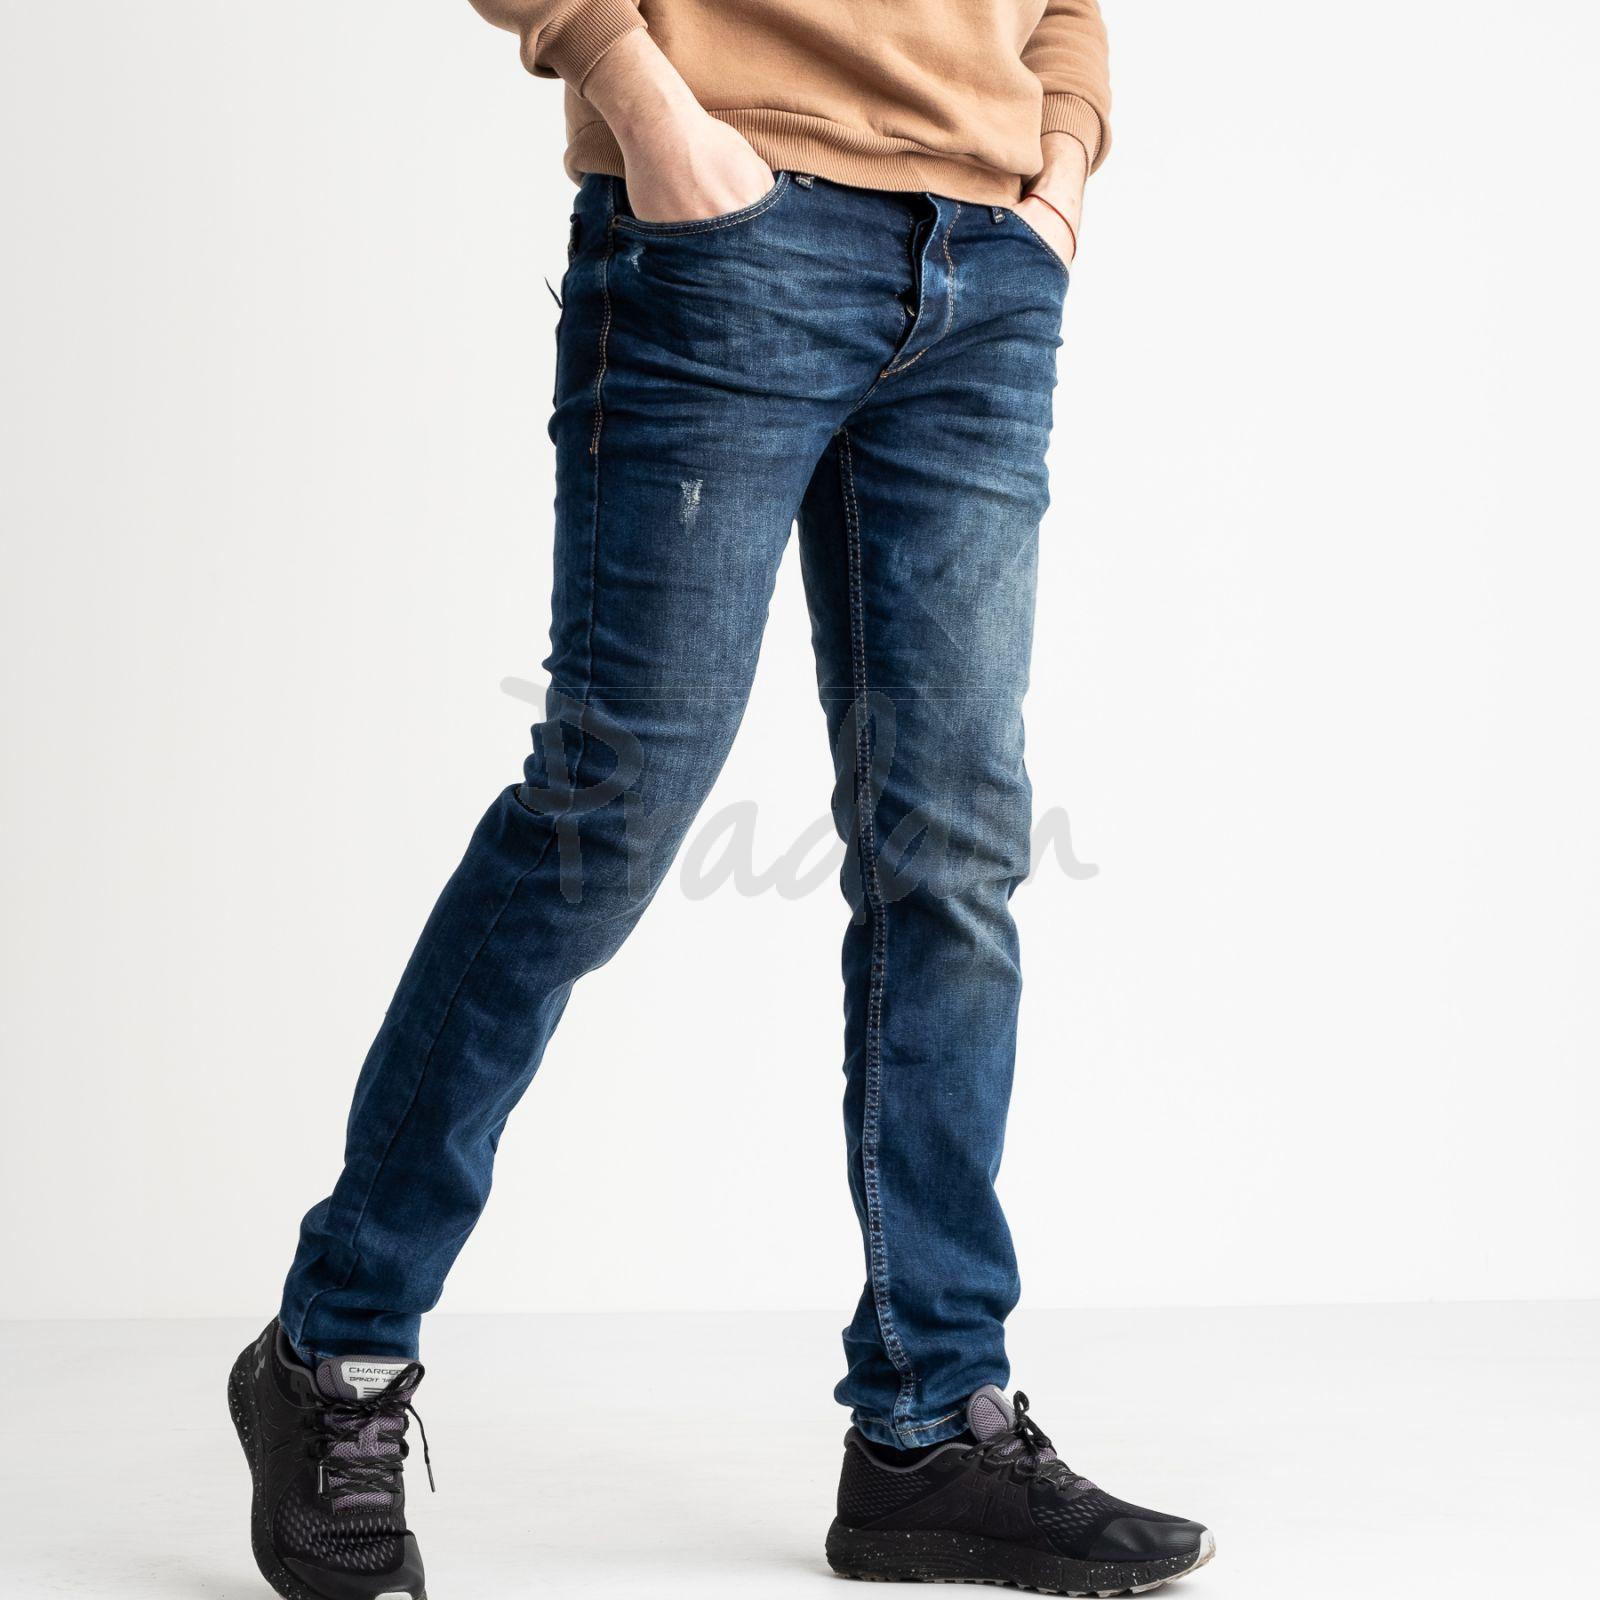 2078 Dsquared джинсы мужские синие стрейчевые (7 ед. размеры: 30.30.31.32.33.34.36)